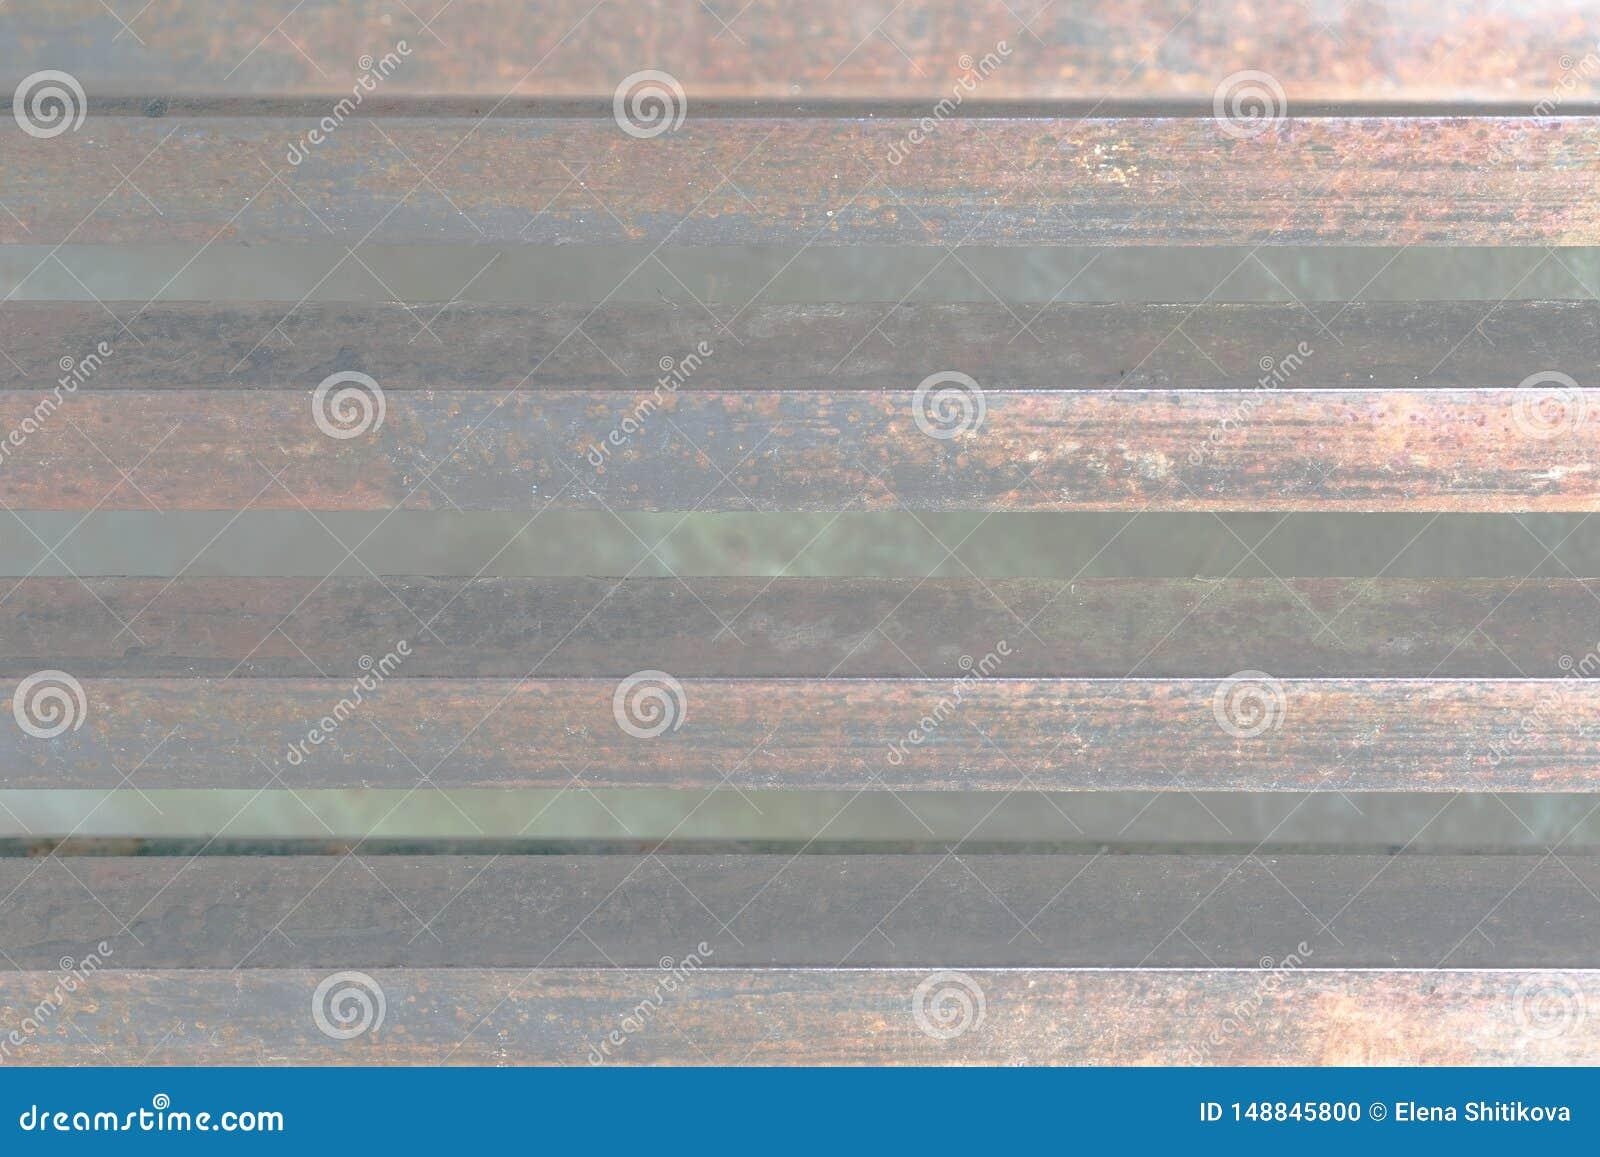 Fondo del Grunge, rayas de los colores de acero, en colores pastel